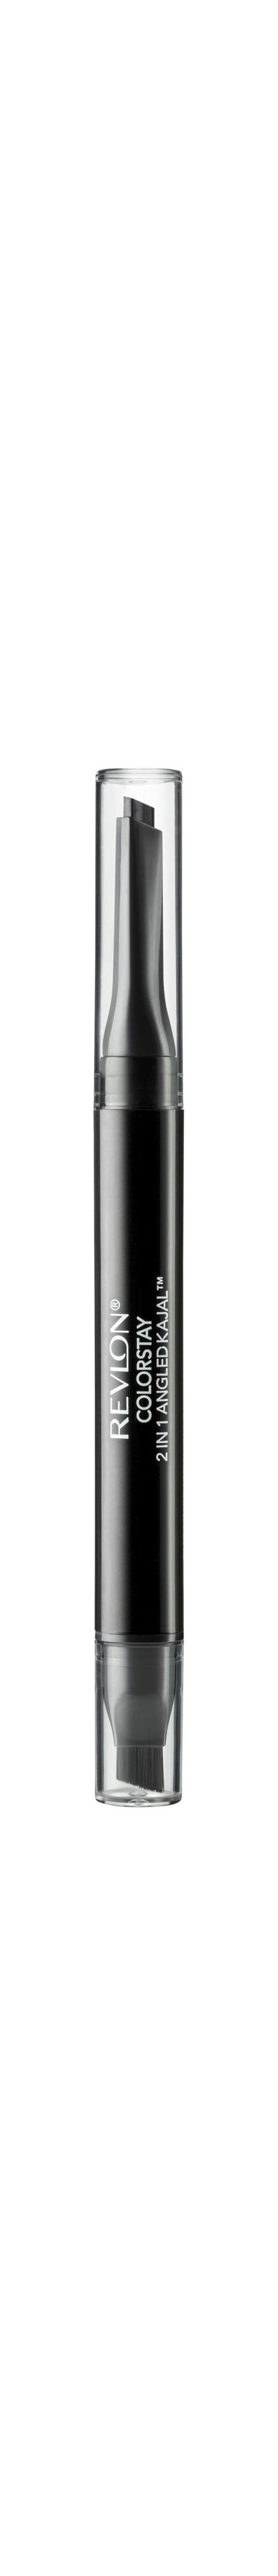 Revlon Colorstay 2 In 1 Angled Kajal™ Onyx